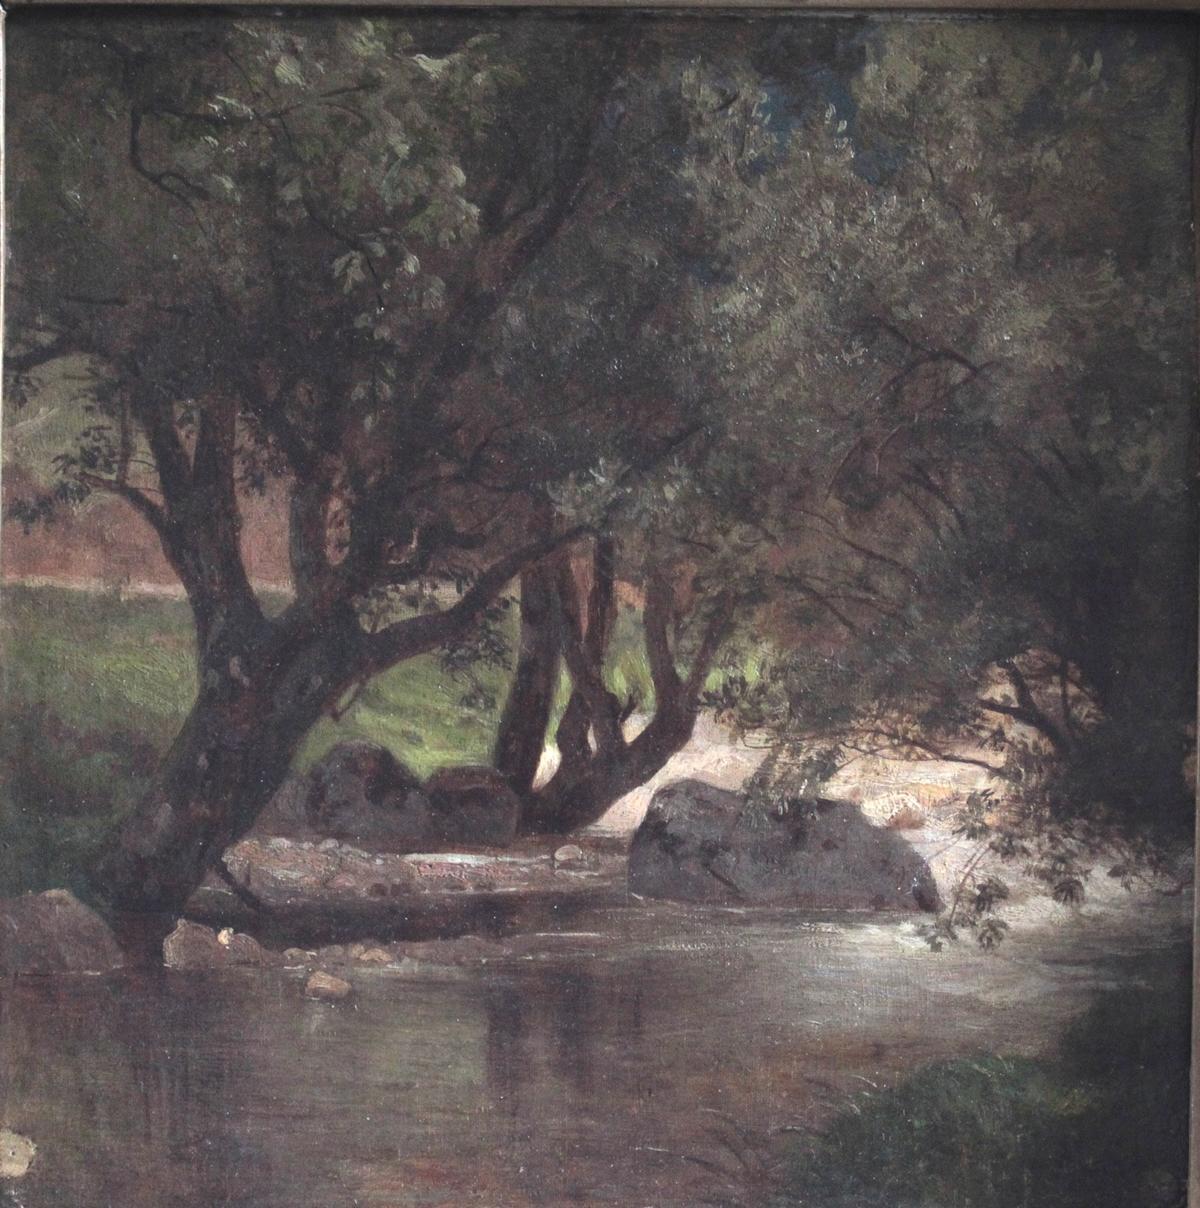 Gemälde des 19./20. Jahrhunderts. Unbekannter Künstler-2